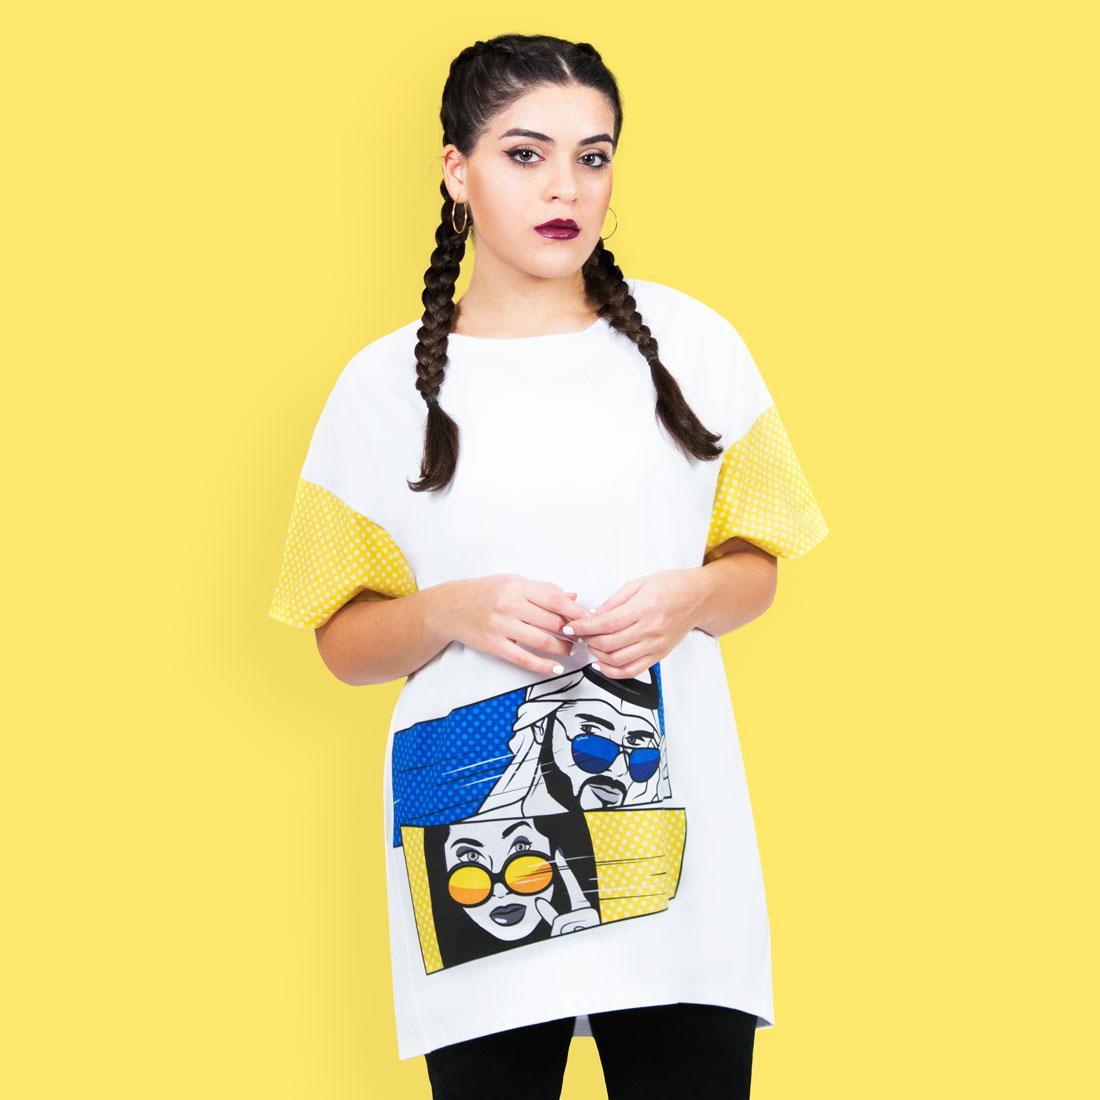 Stare Contest T-shirt by La Come Di